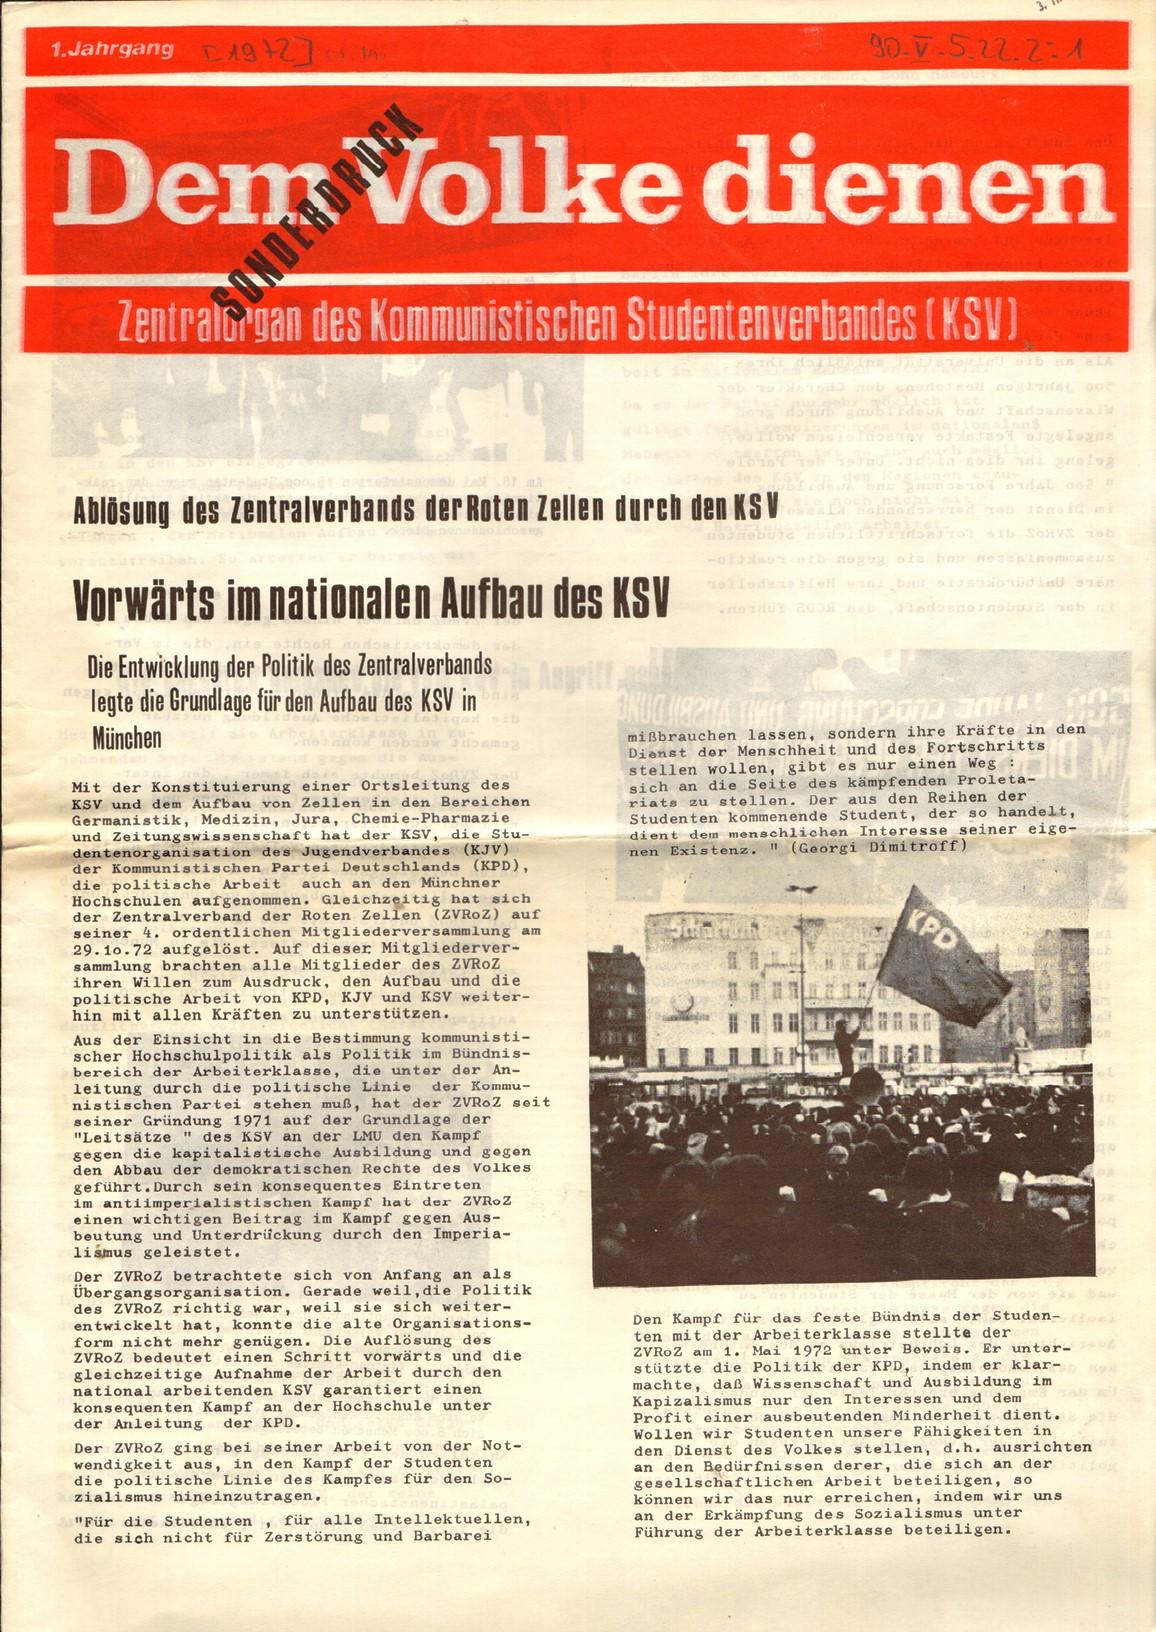 Dortmund_KSV_DVD_19721100_01